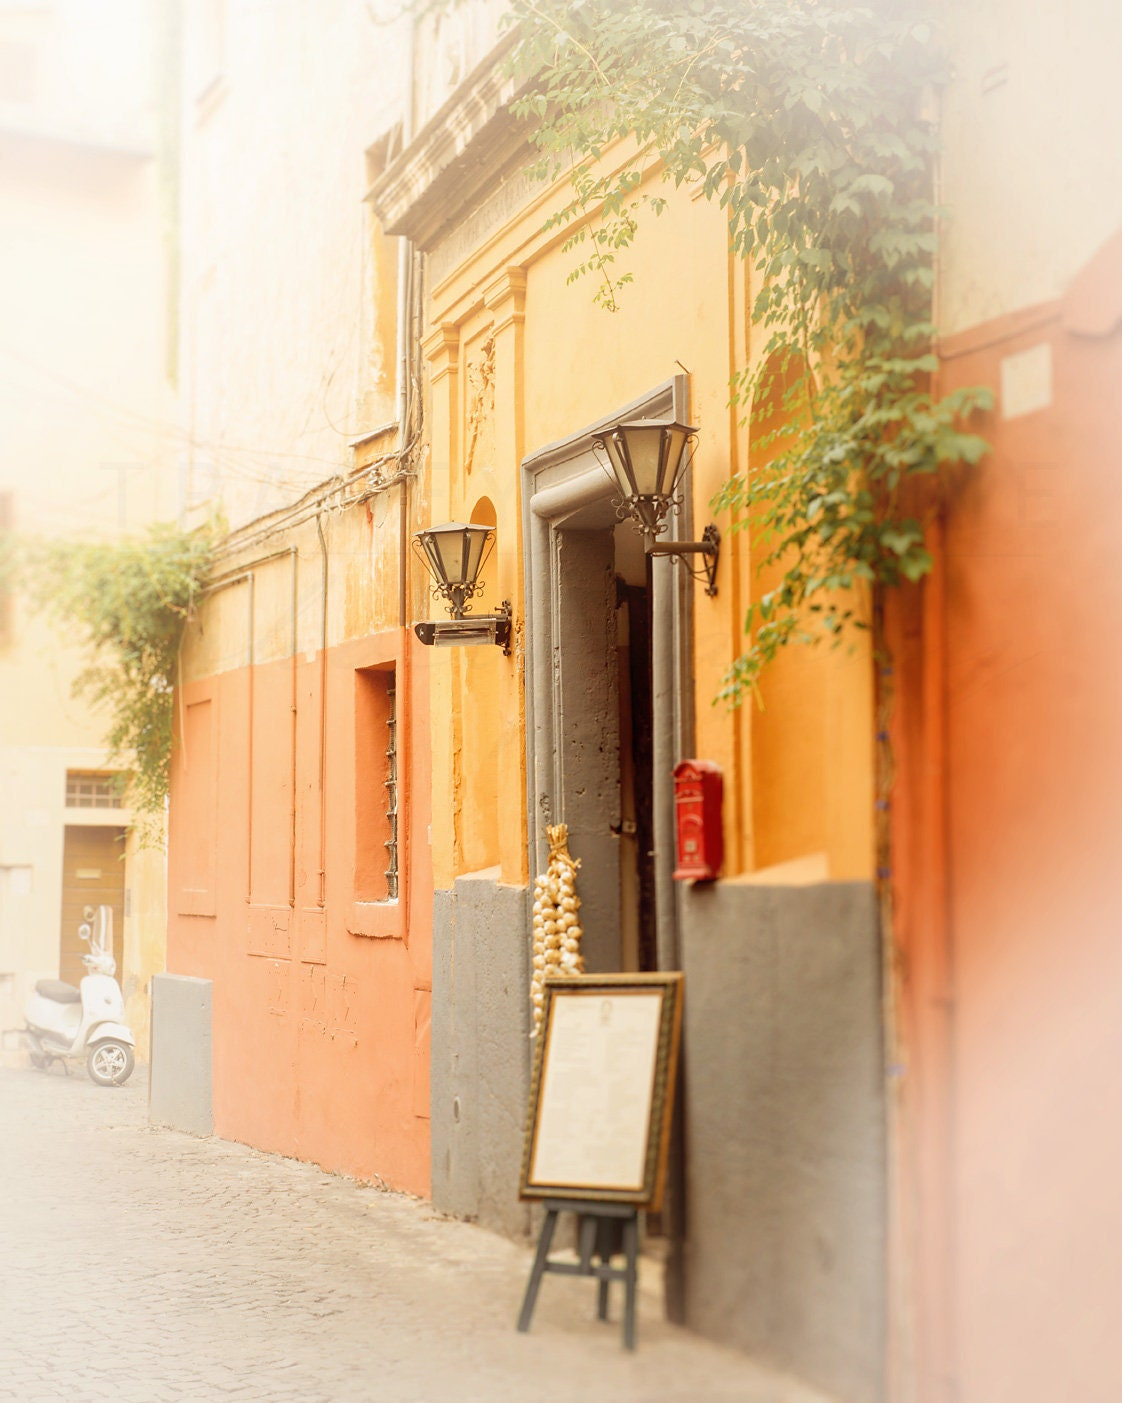 Trastevere Rome Italy Photograph Travel Photography Wall | Etsy